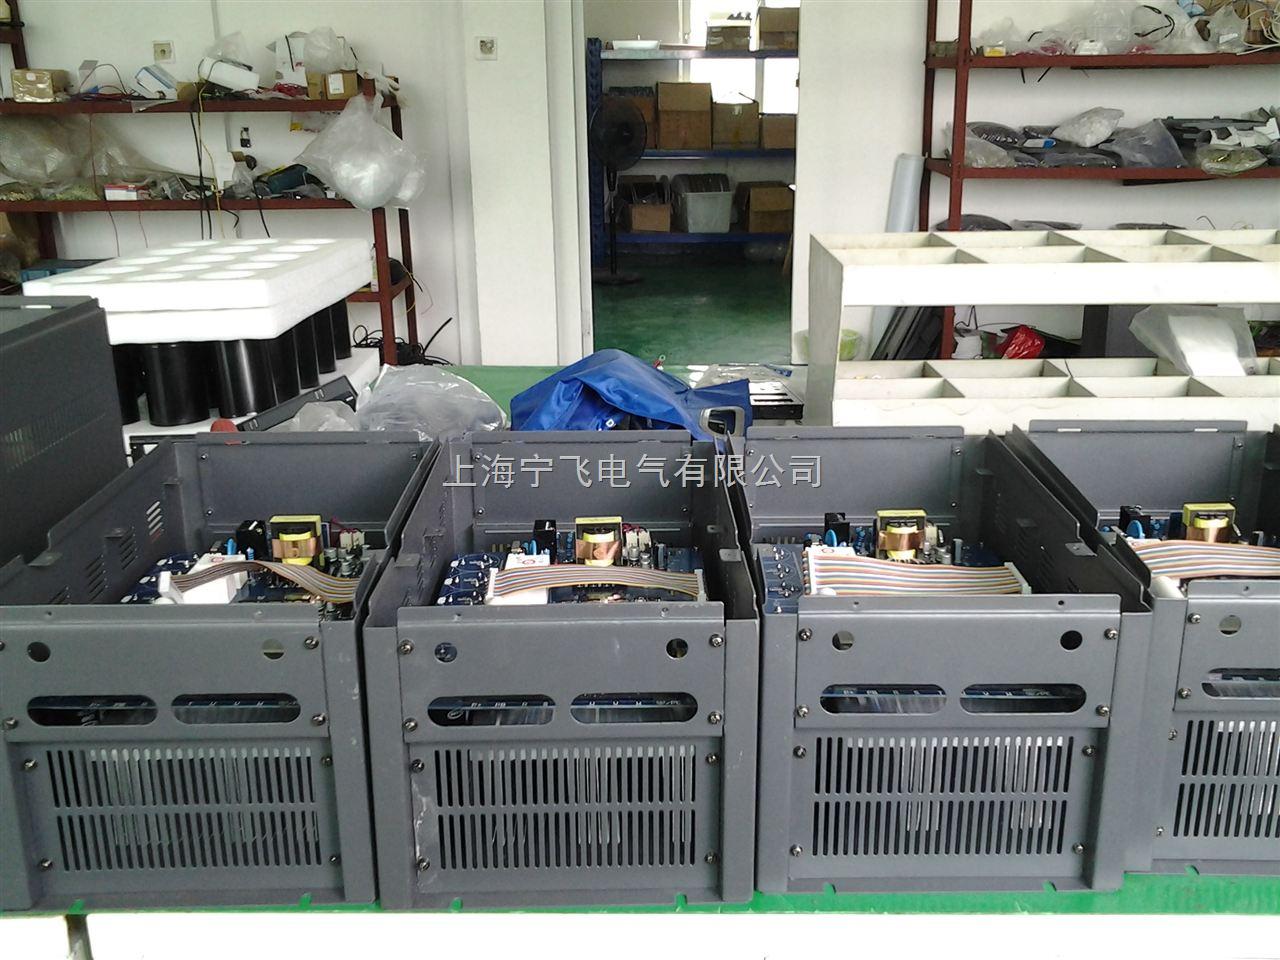 """电动机使用变频器的作用就是为了调速,并降低启动电流。为了产生可变的电压和频率,该设备首先要把电源的交流电变换为直流电(DC),这个过程叫整流。把直流电(DC)变换为交流电(AC)的装置,其科学术语为""""inverter""""(逆变器)。一般逆变器是把直流电源逆变为一定的固定频率和一定电压的逆变电源。对于逆变为频率可调、电压可调的逆变器我们称为变频器。变频器输出的波形是模拟正弦波,主要是用在三相异步电动机调速用,又叫变频调速器。对于主要用在仪器仪表的检测设备中的波形要求较高的可变频率逆变器"""